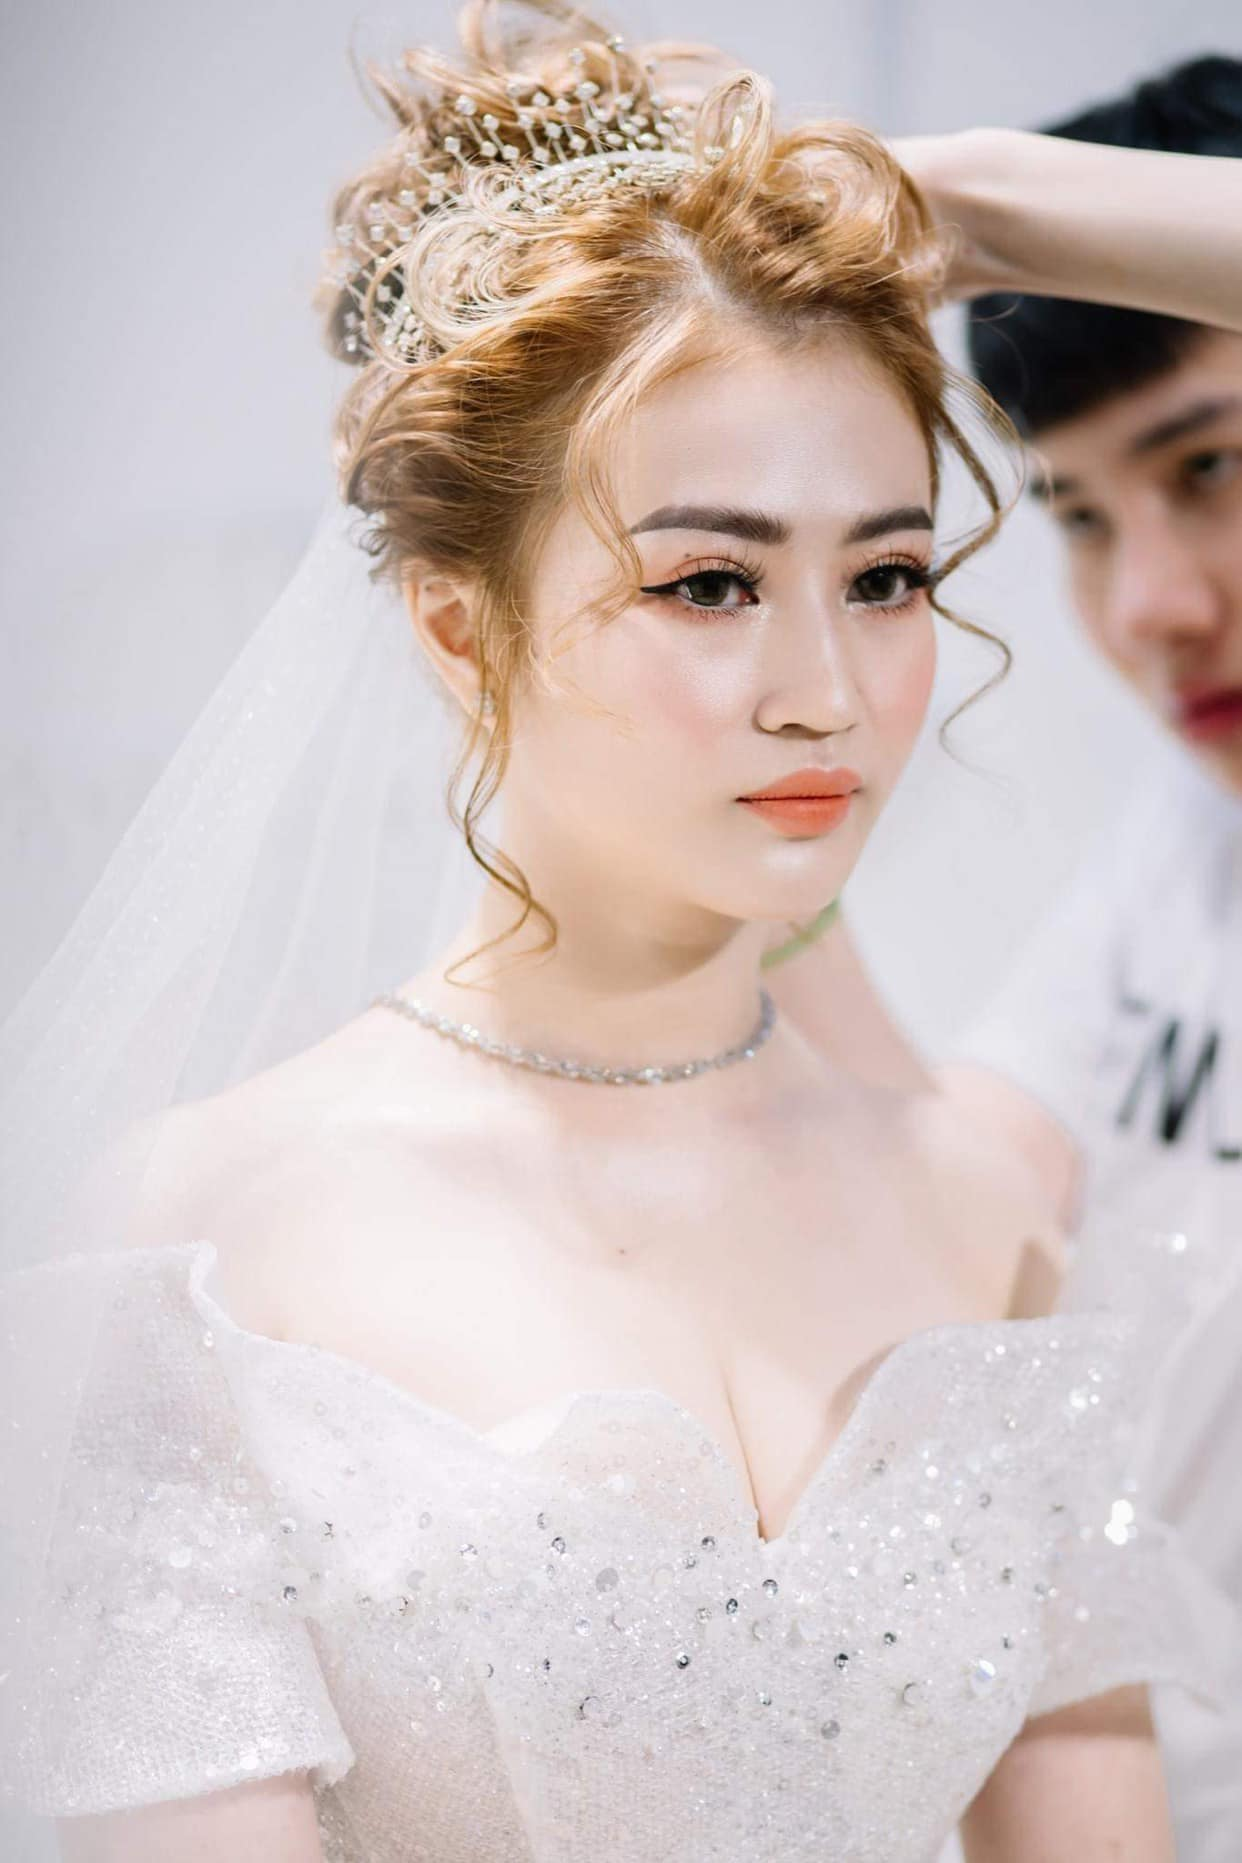 Top 7 tiệm trang điểm cô dâu đẹp nhất tại Tiền Giang -  Ngô Thanh Trung make up (Hồ Anh Khoa Studio)